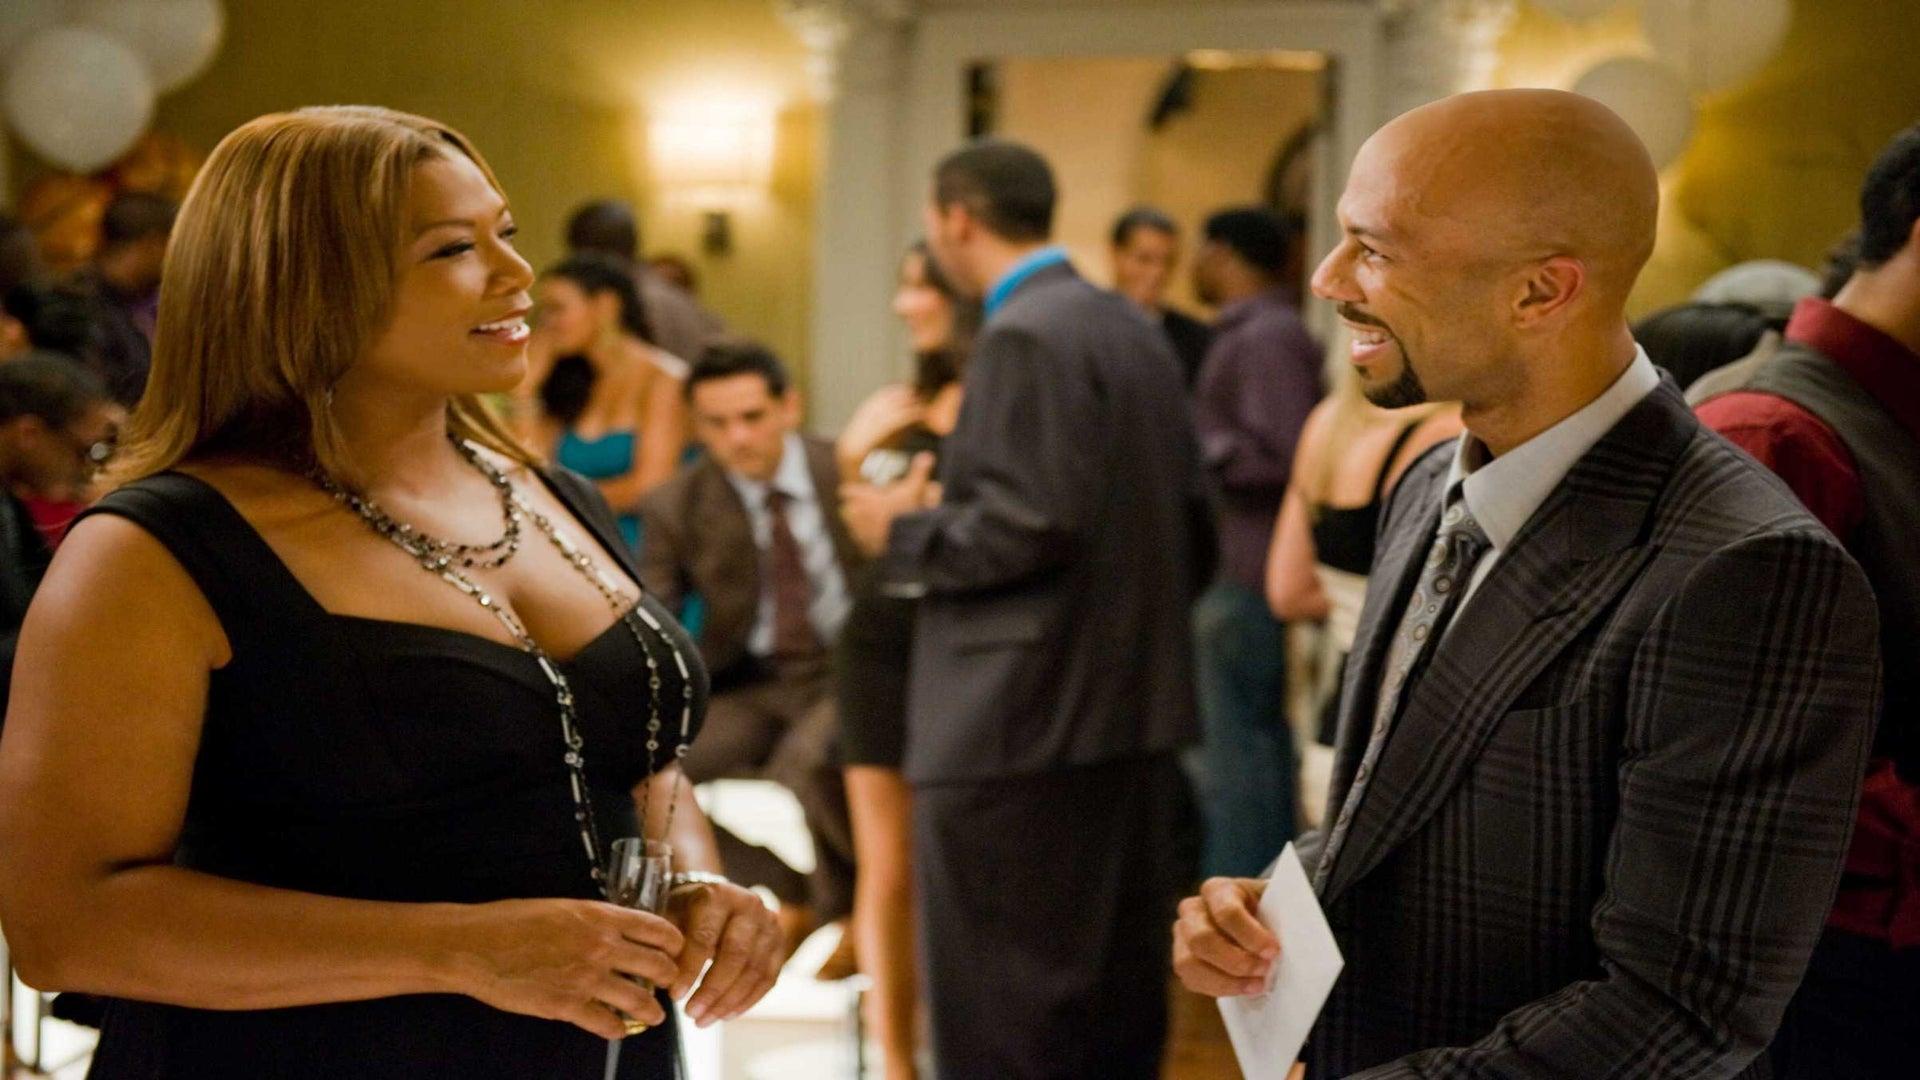 Reel Life: Queen Latifah's Life on Screen